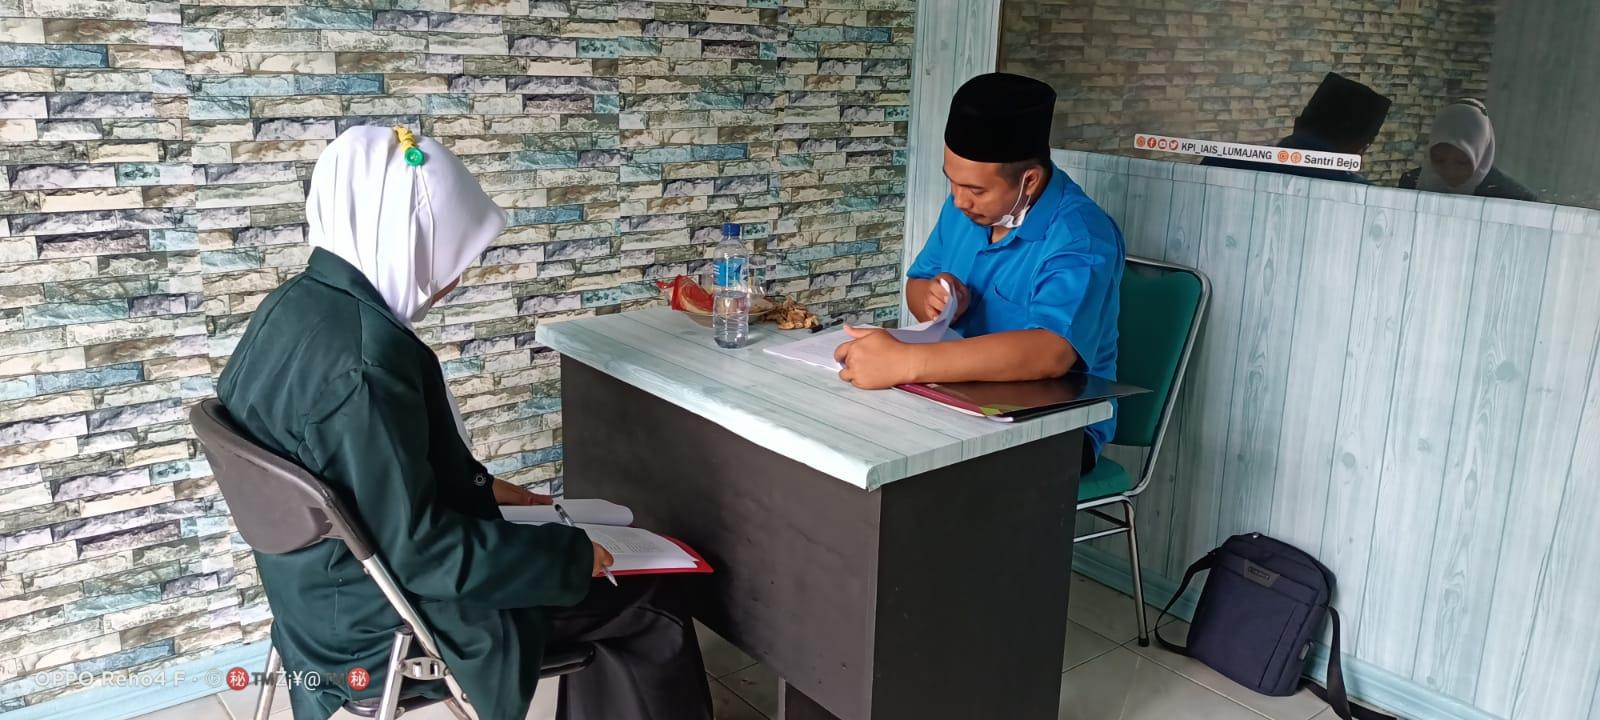 Fakultas Dakwah IAI Syarifuddi Ujian Proposal Skripsi Terapkan Prokes